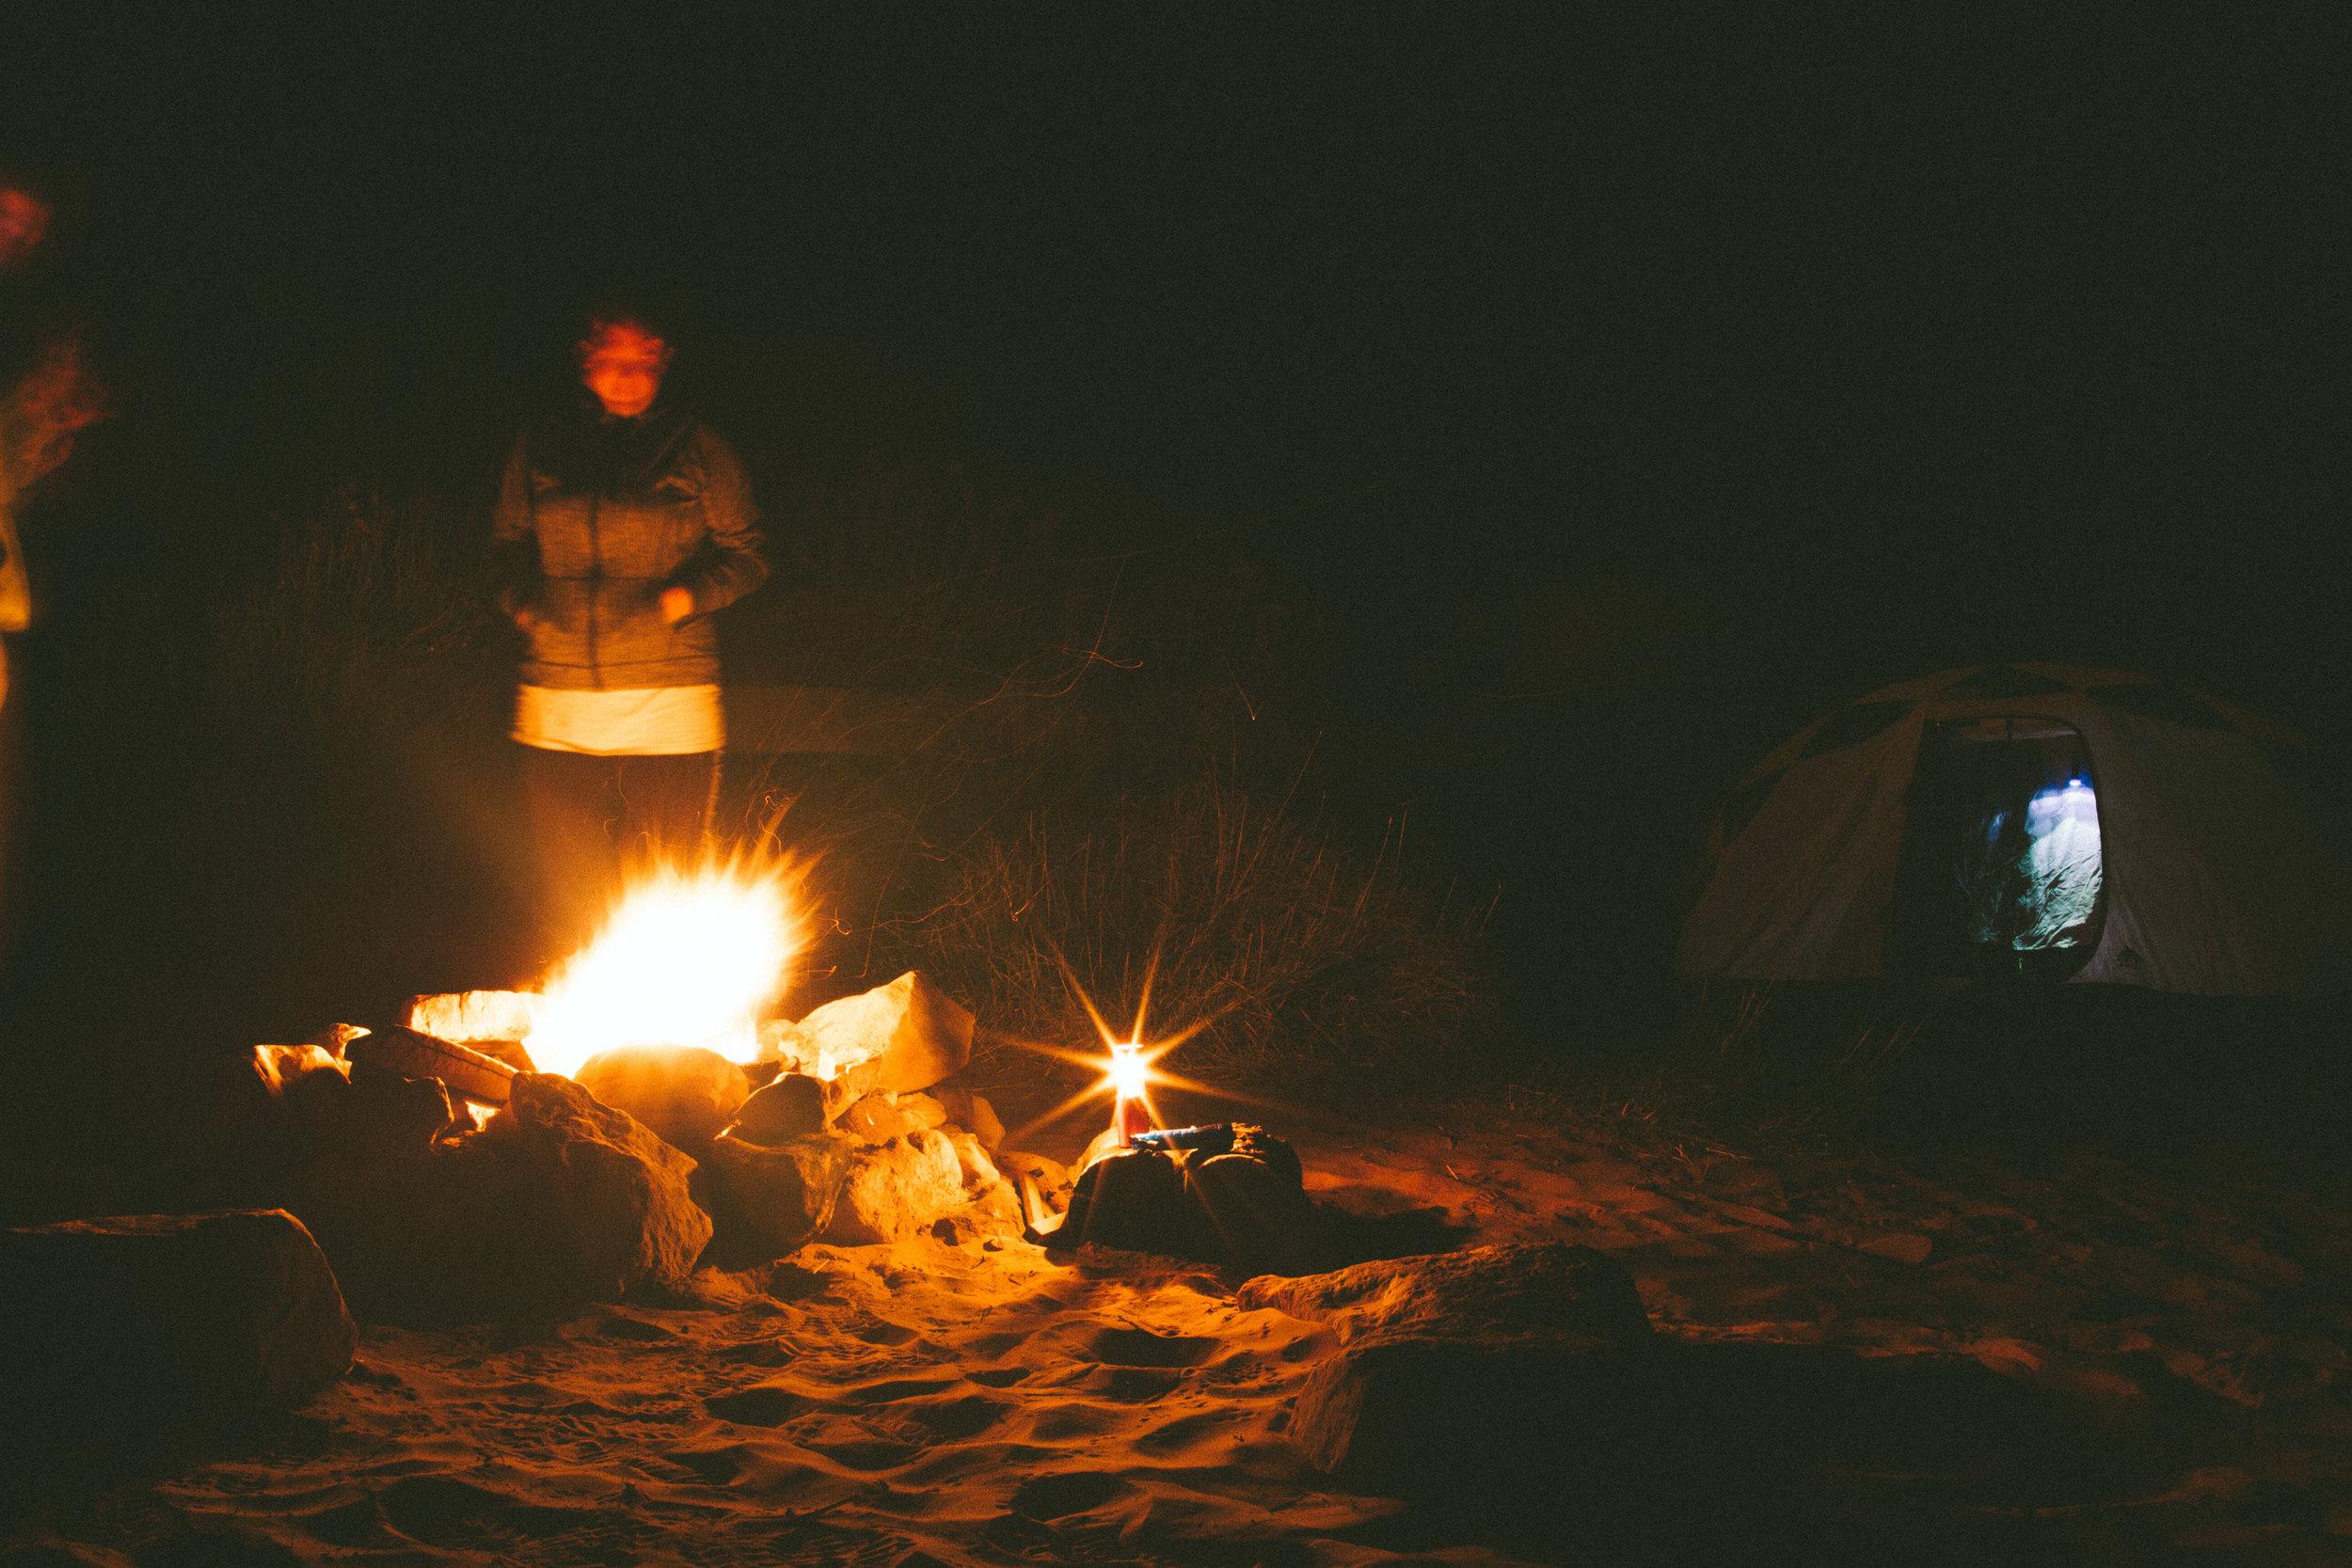 Van Life Couple Camping in Moab, Utah